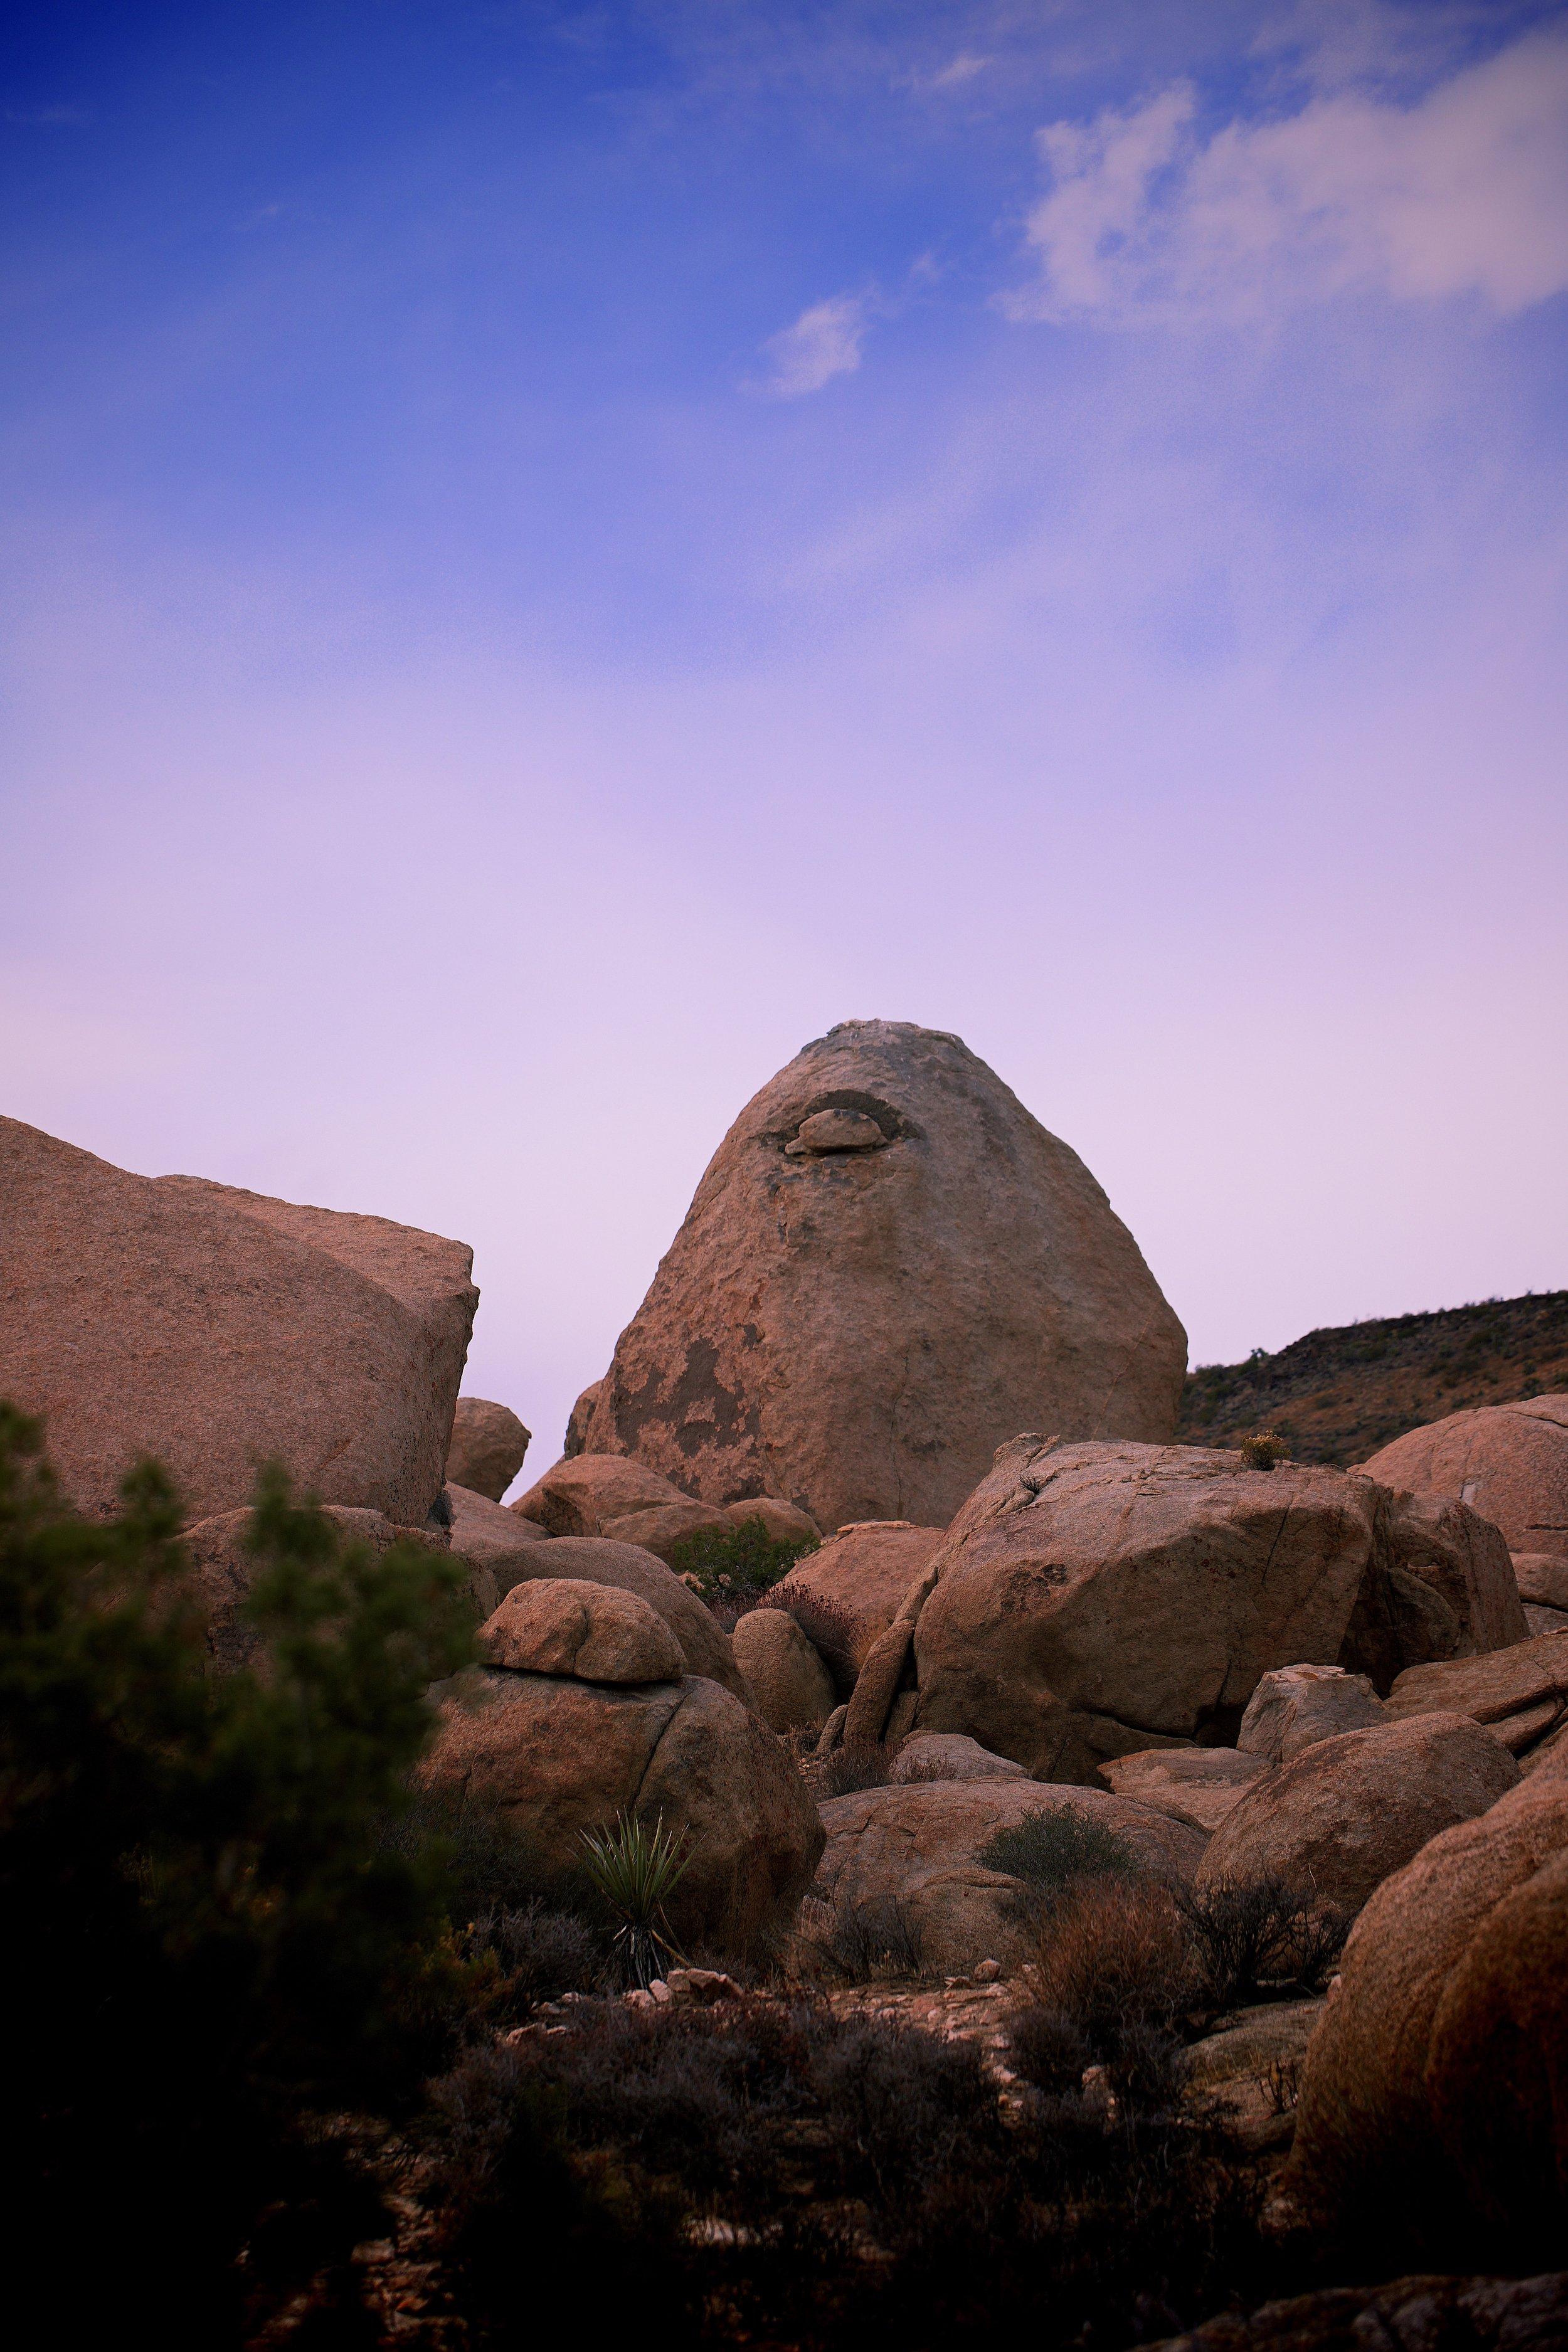 IMG_7344_x desert hike.jpg